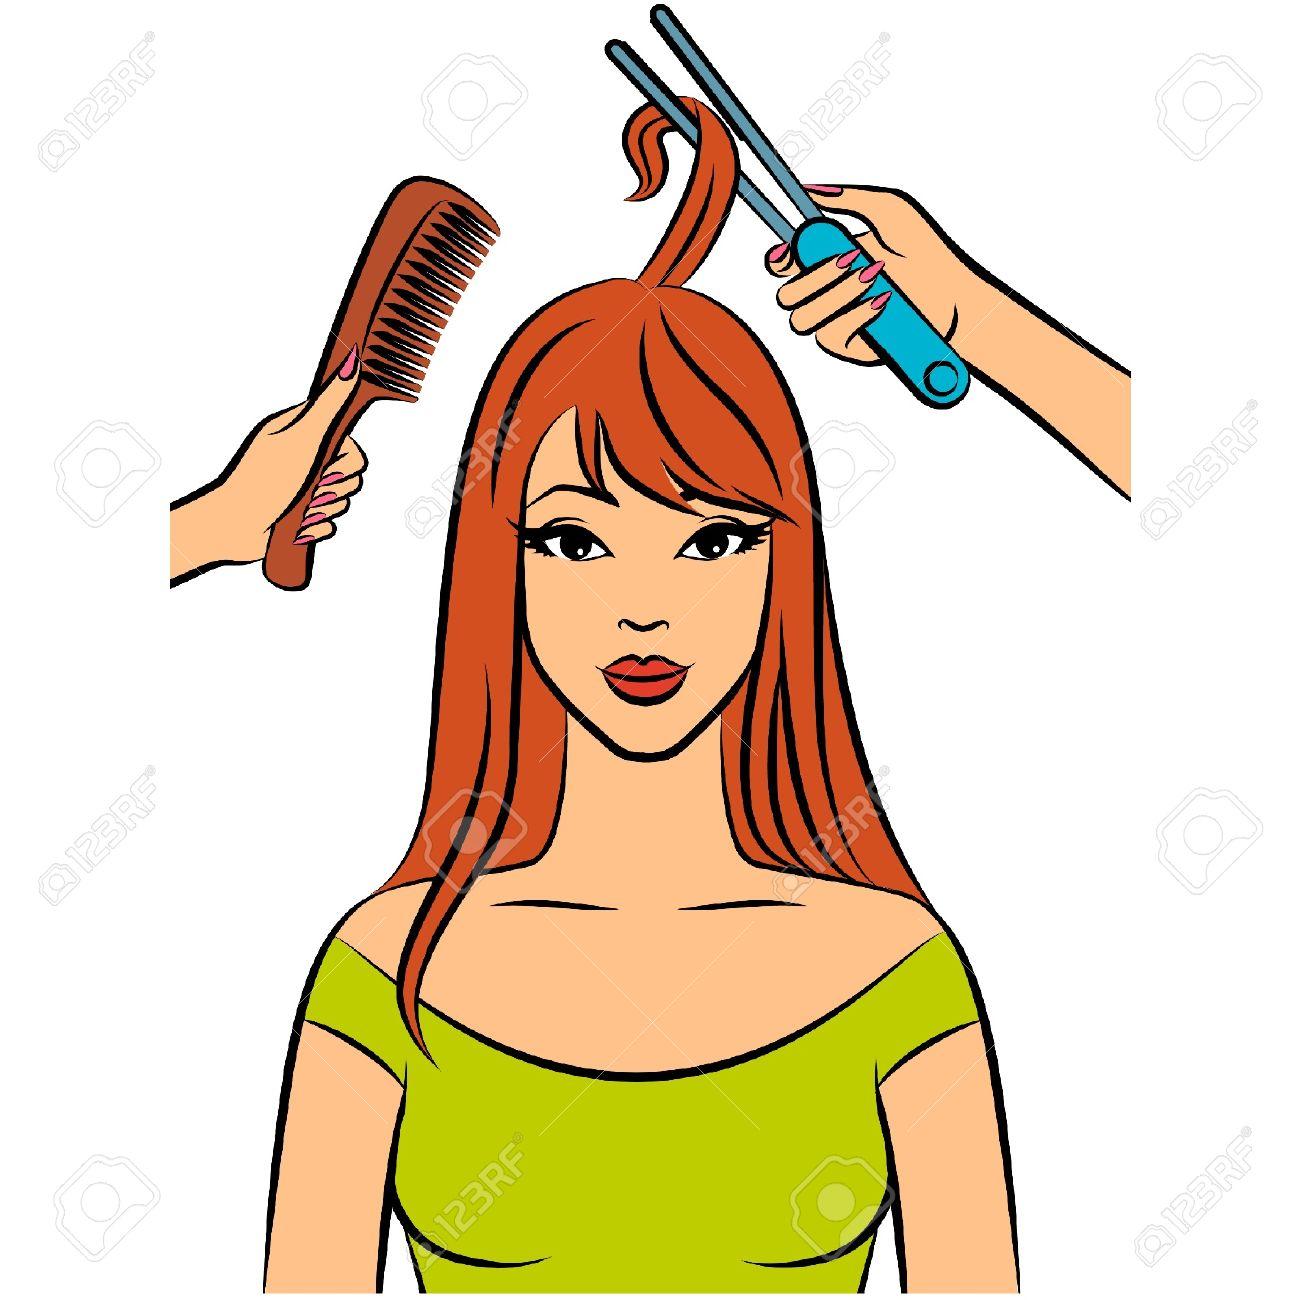 Beautician tools clipart.